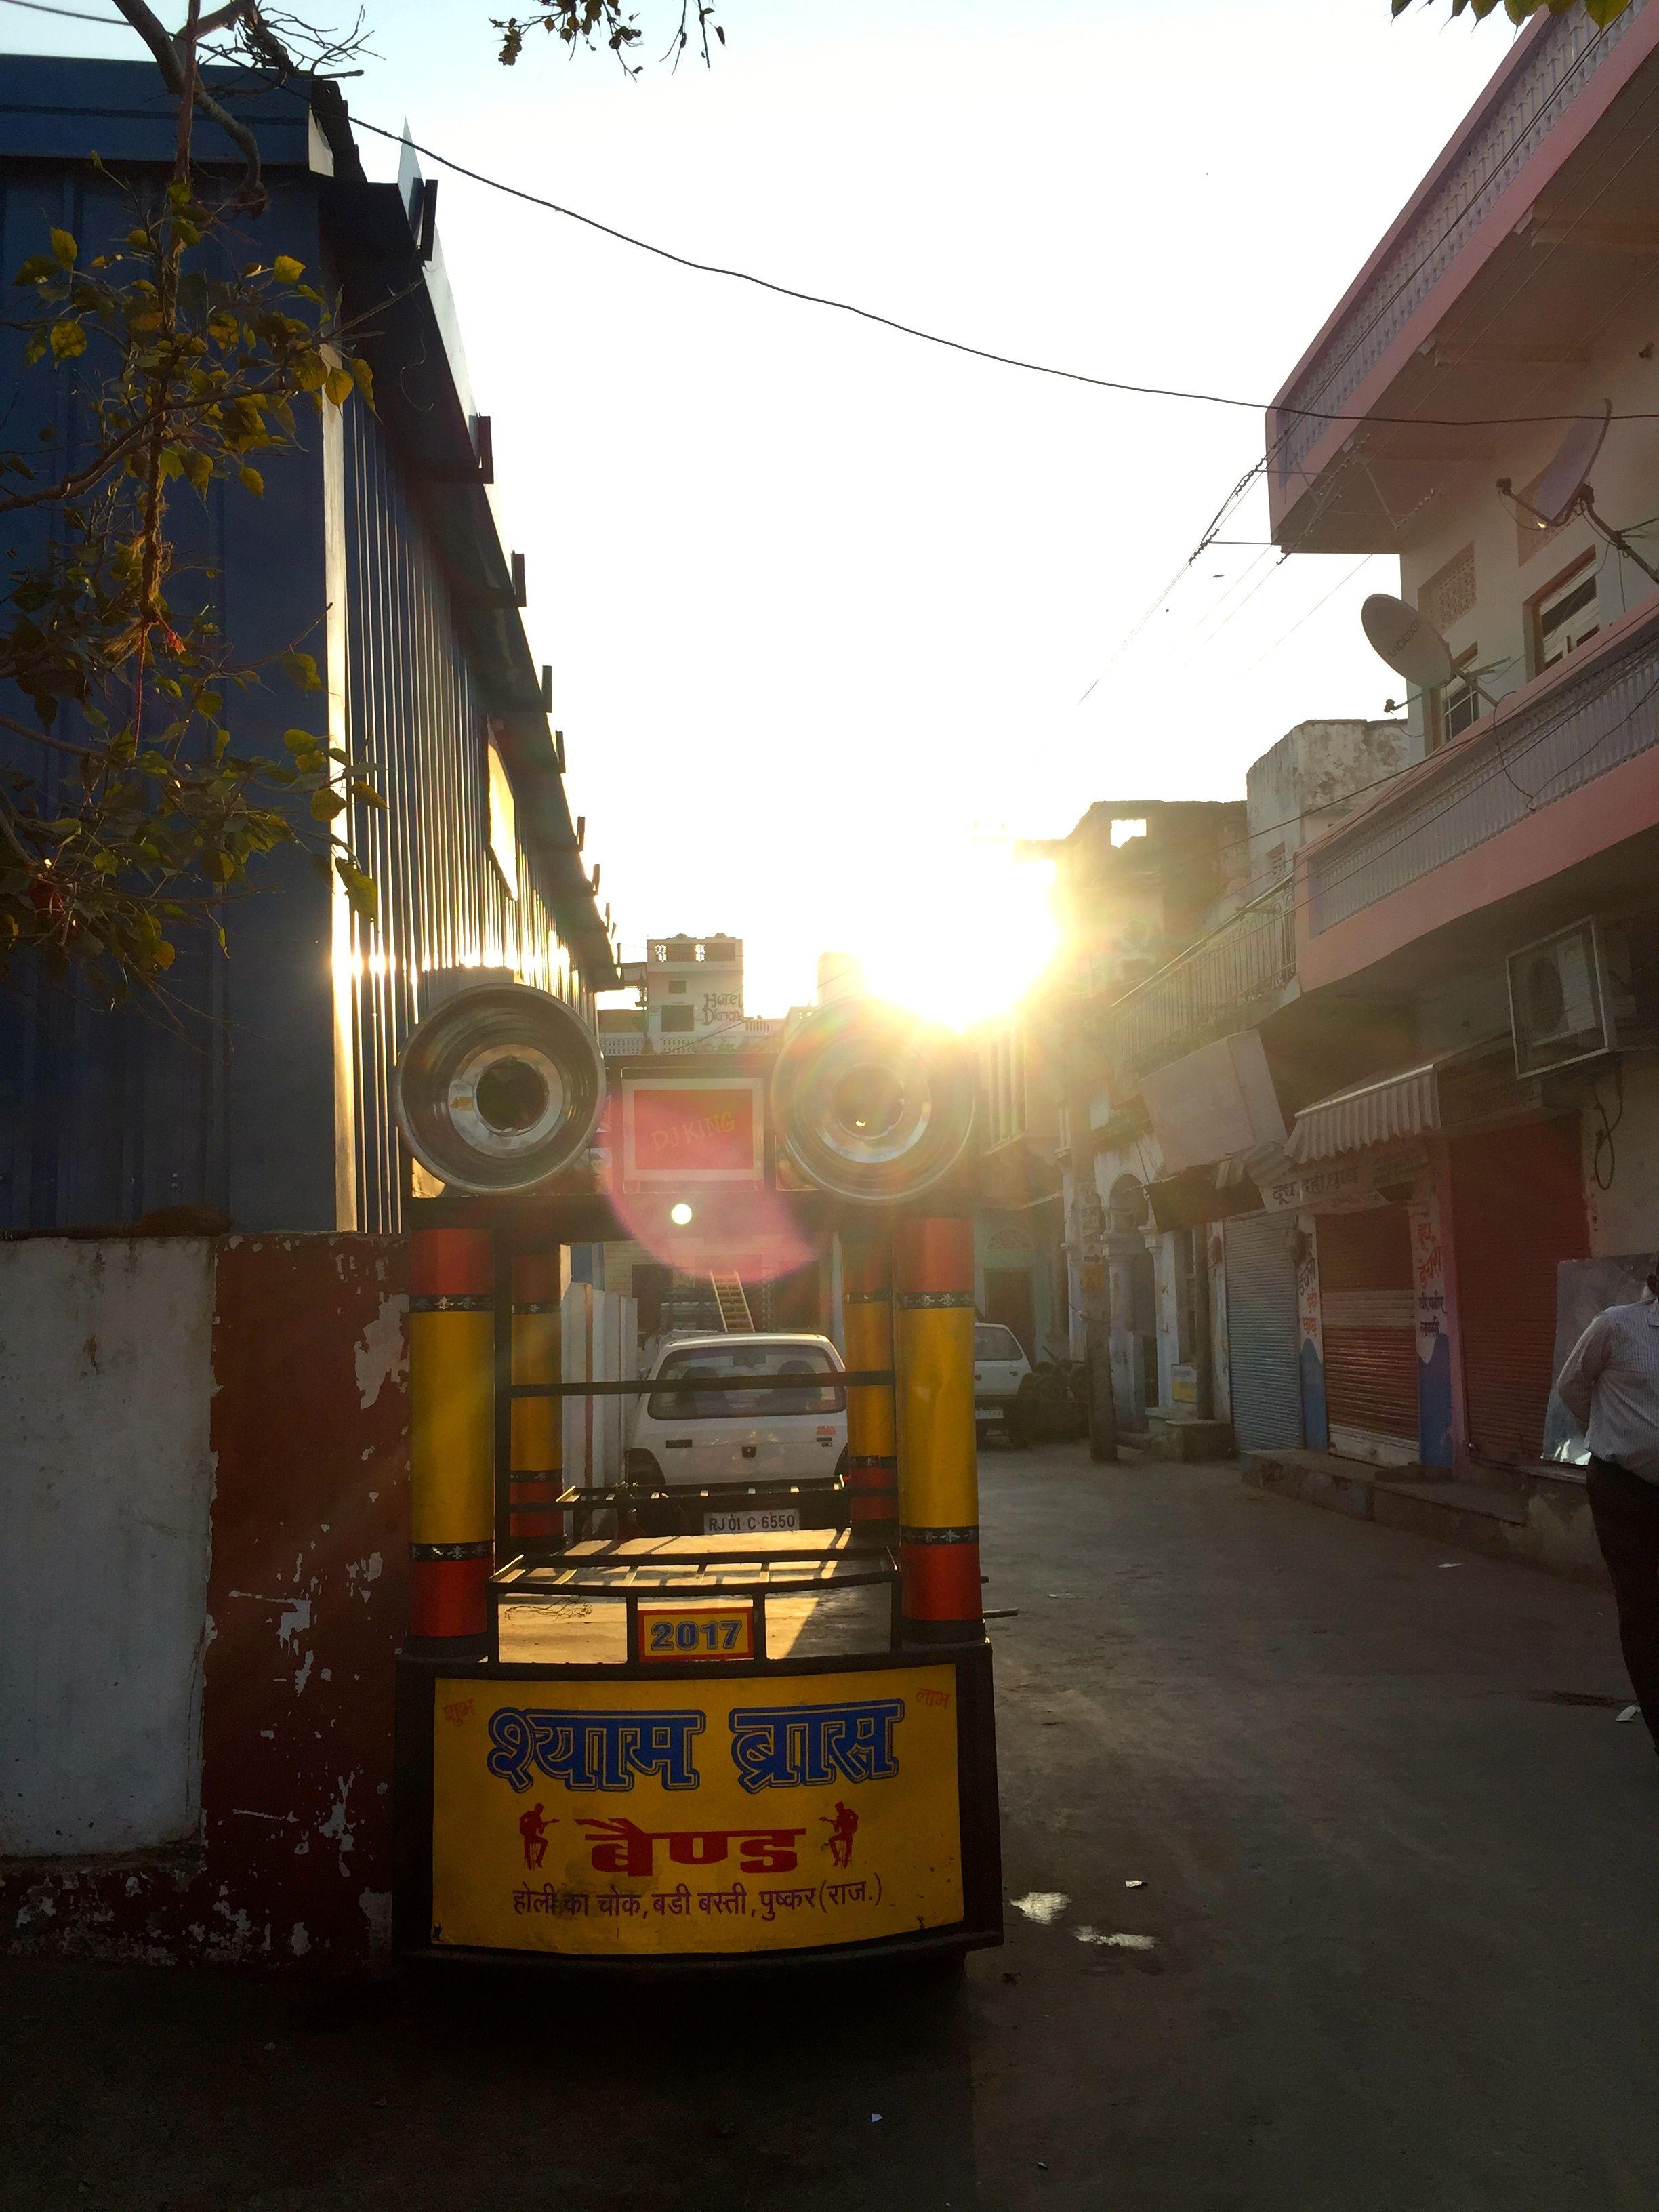 Lautsprecher-Wagen in Pushkar, der für Hochzeiten eingesetzt wird